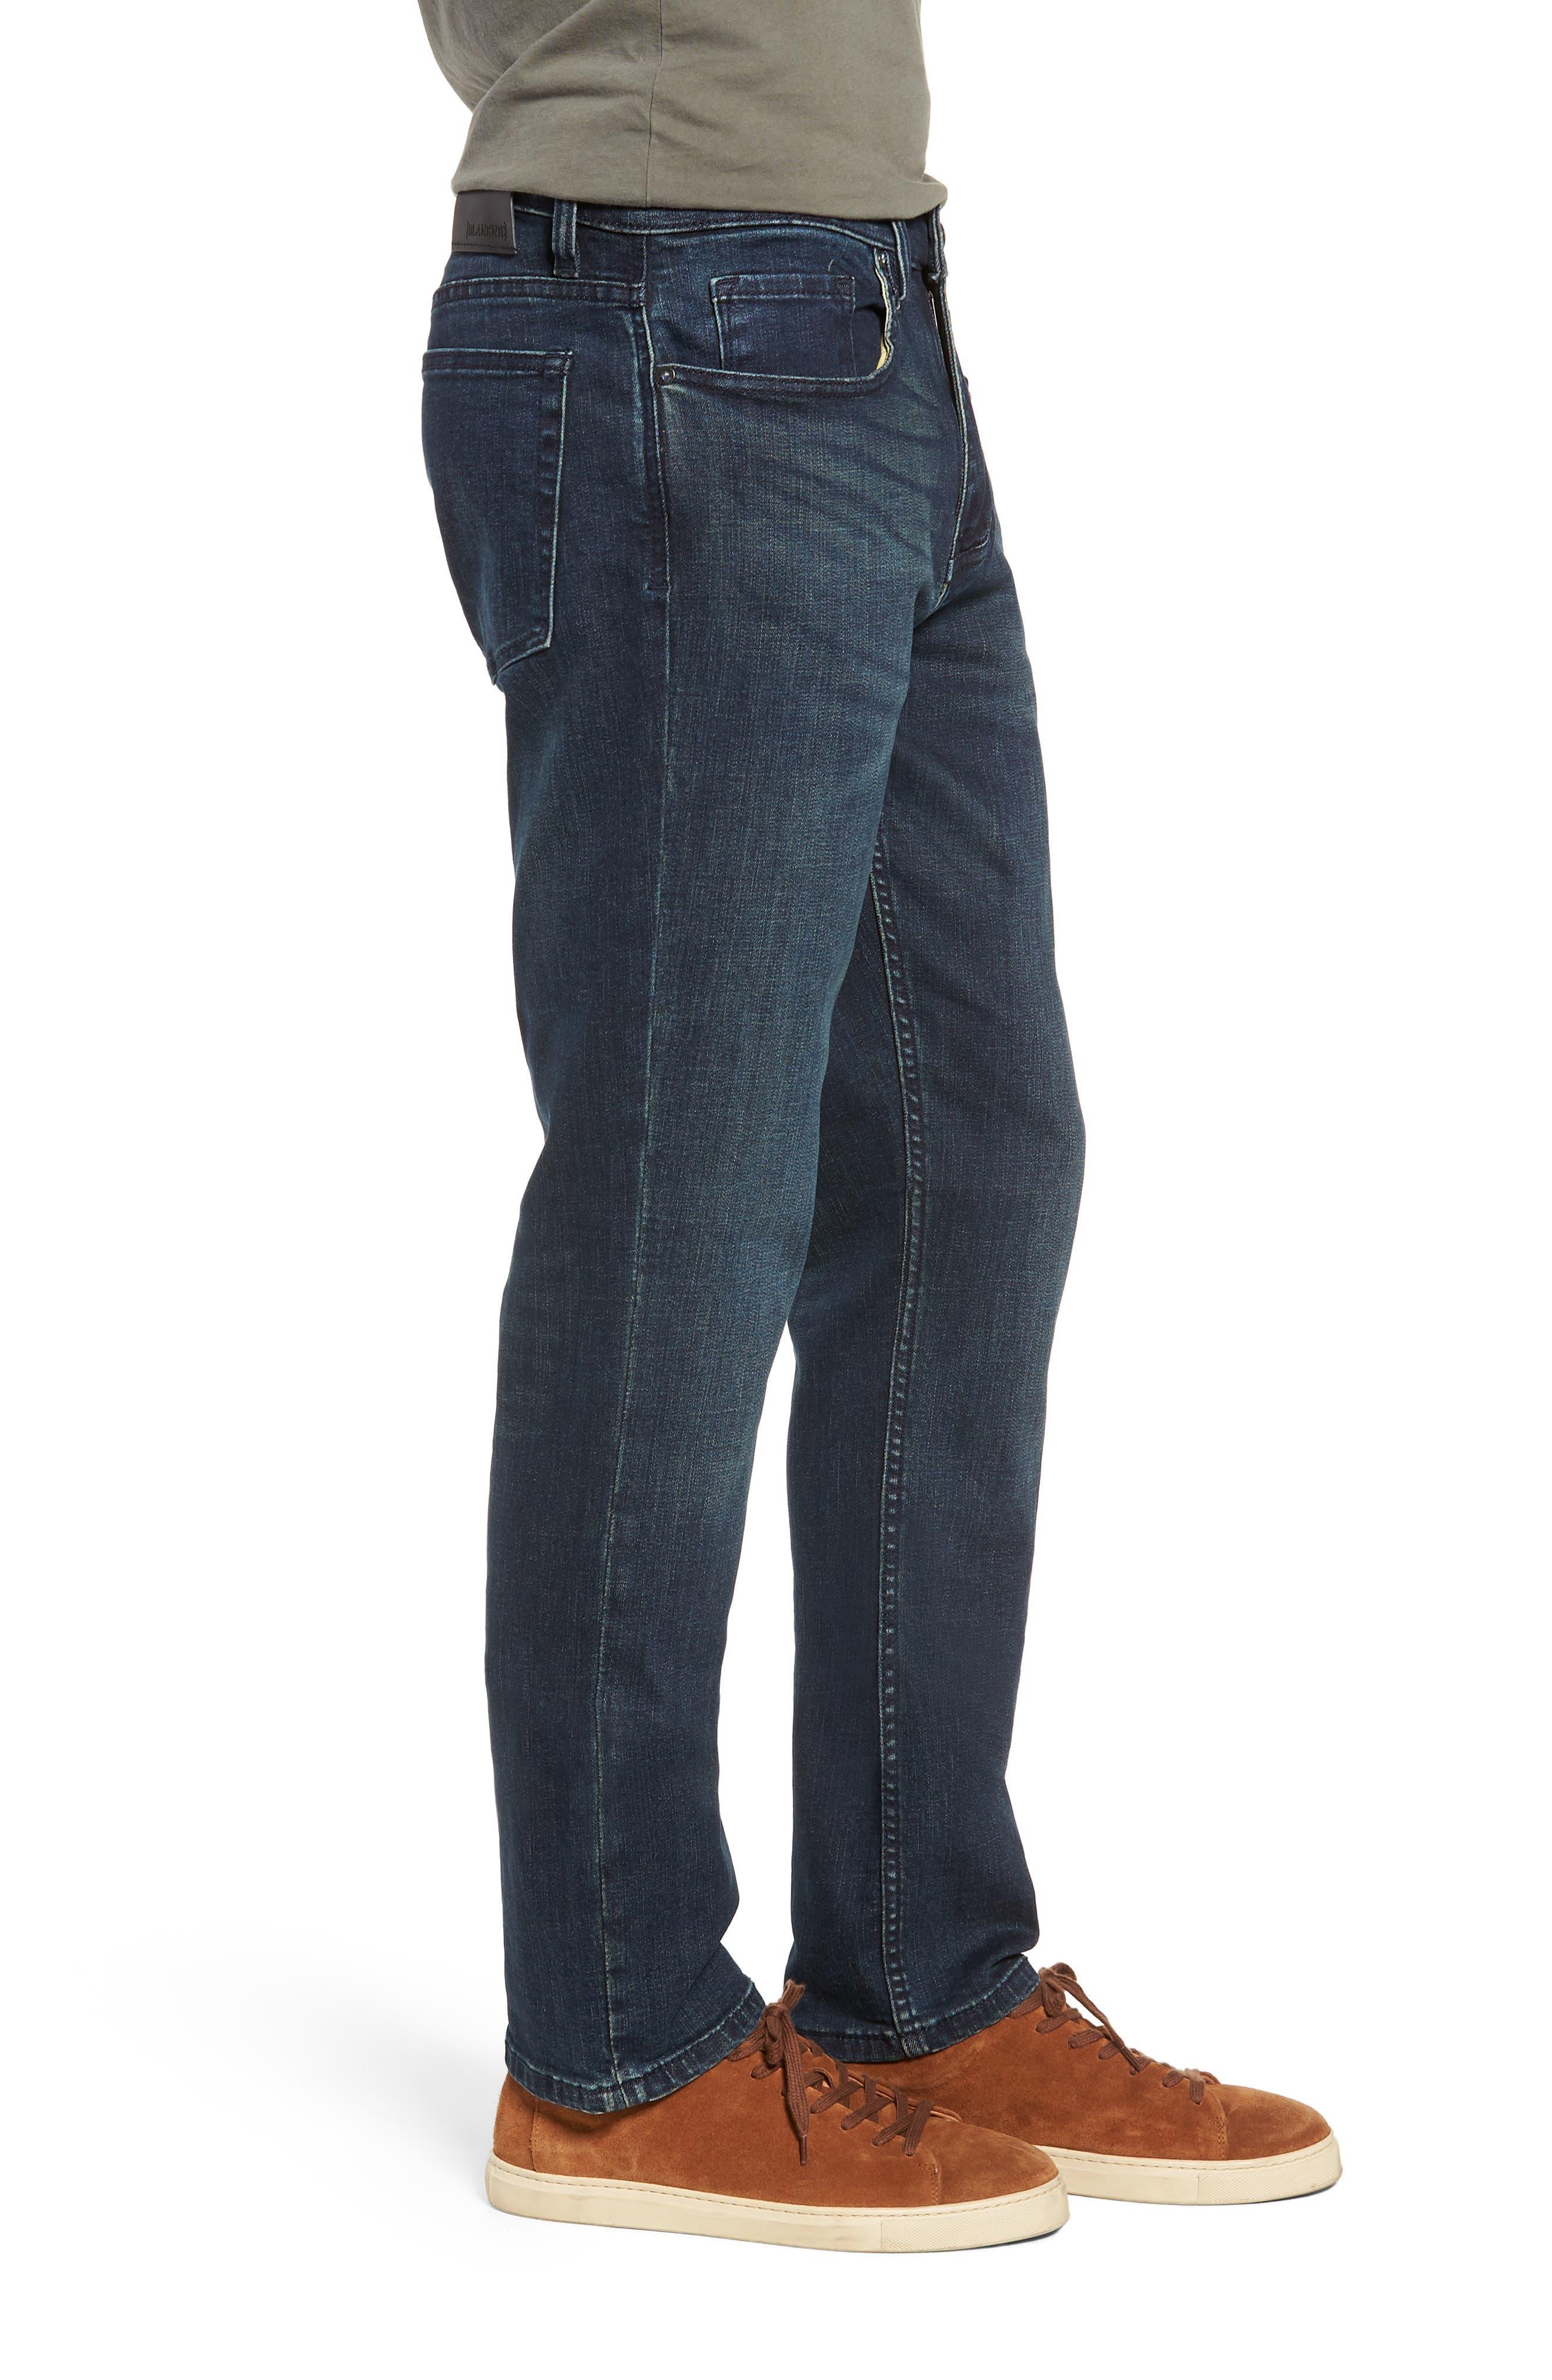 Stanton Straight Leg Jeans,                             Alternate thumbnail 3, color,                             WORTHLESS TENDENCY